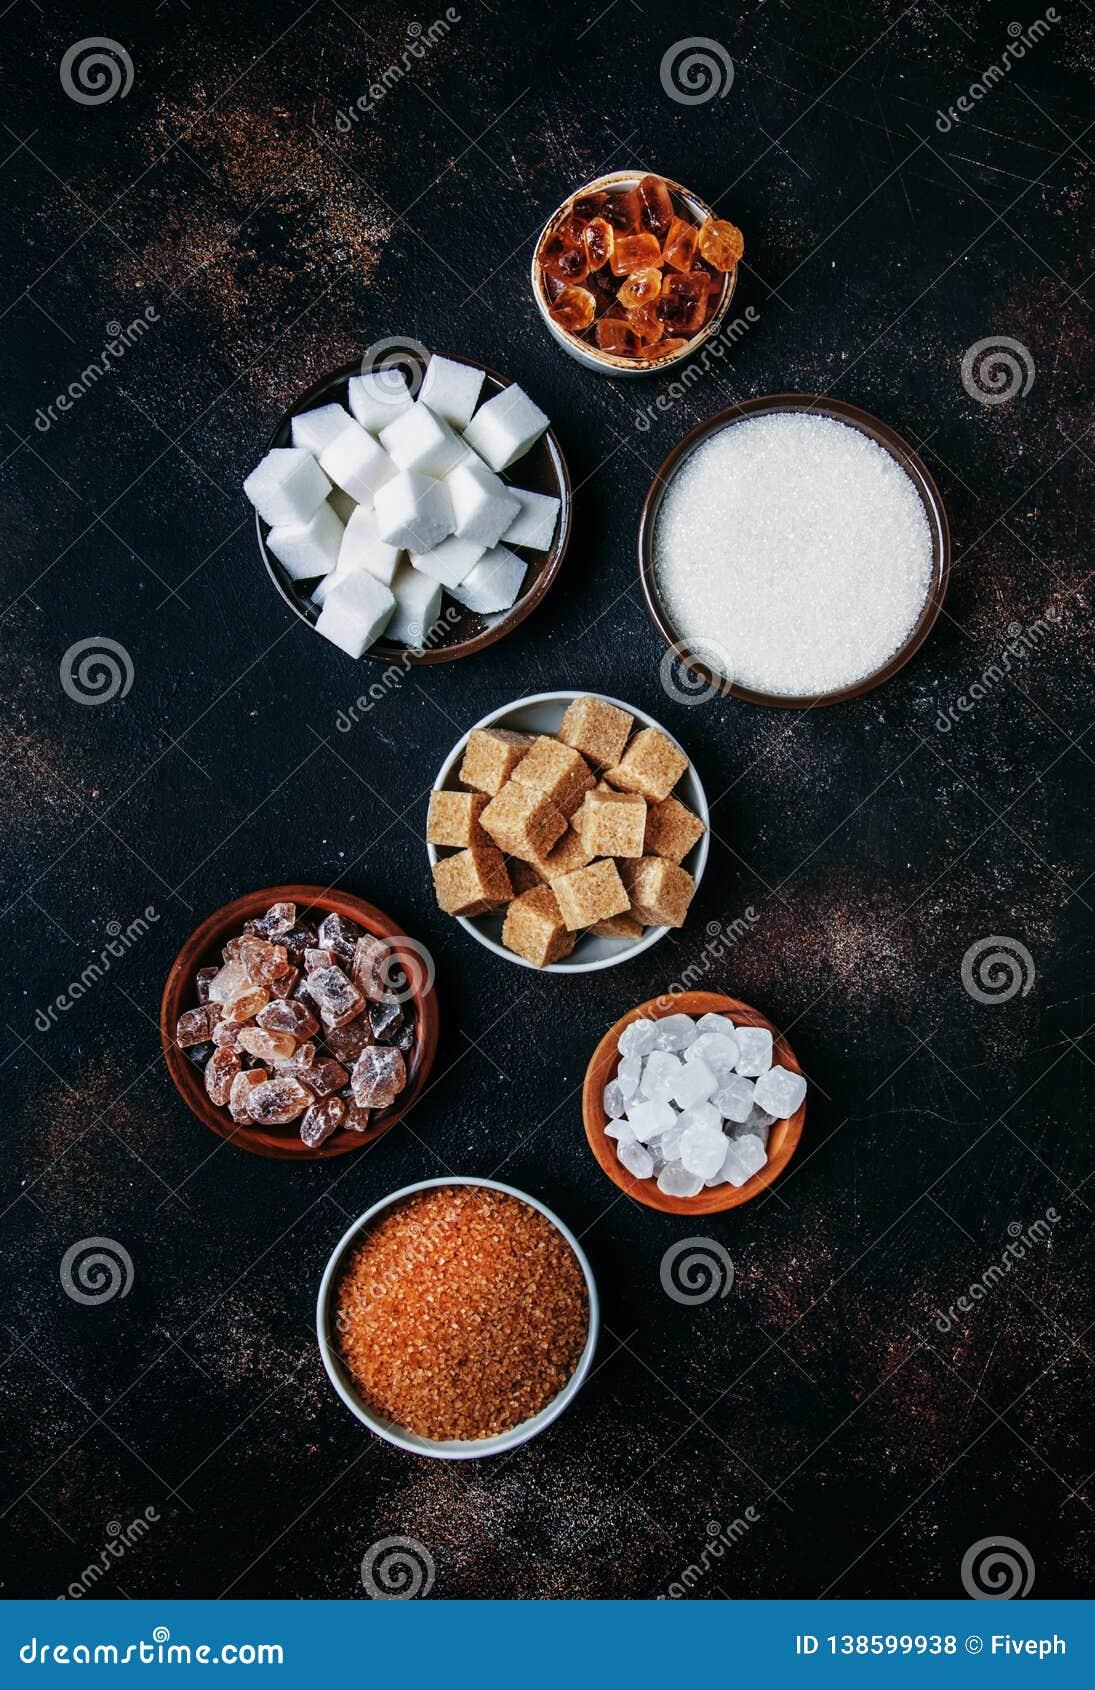 Ανάμεικτοι διαφορετικοί τύποι ζαχαρών στα κύπελλα σε έναν πίνακα σε ένα σκοτεινό υπόβαθρο, κάθετη εικόνα